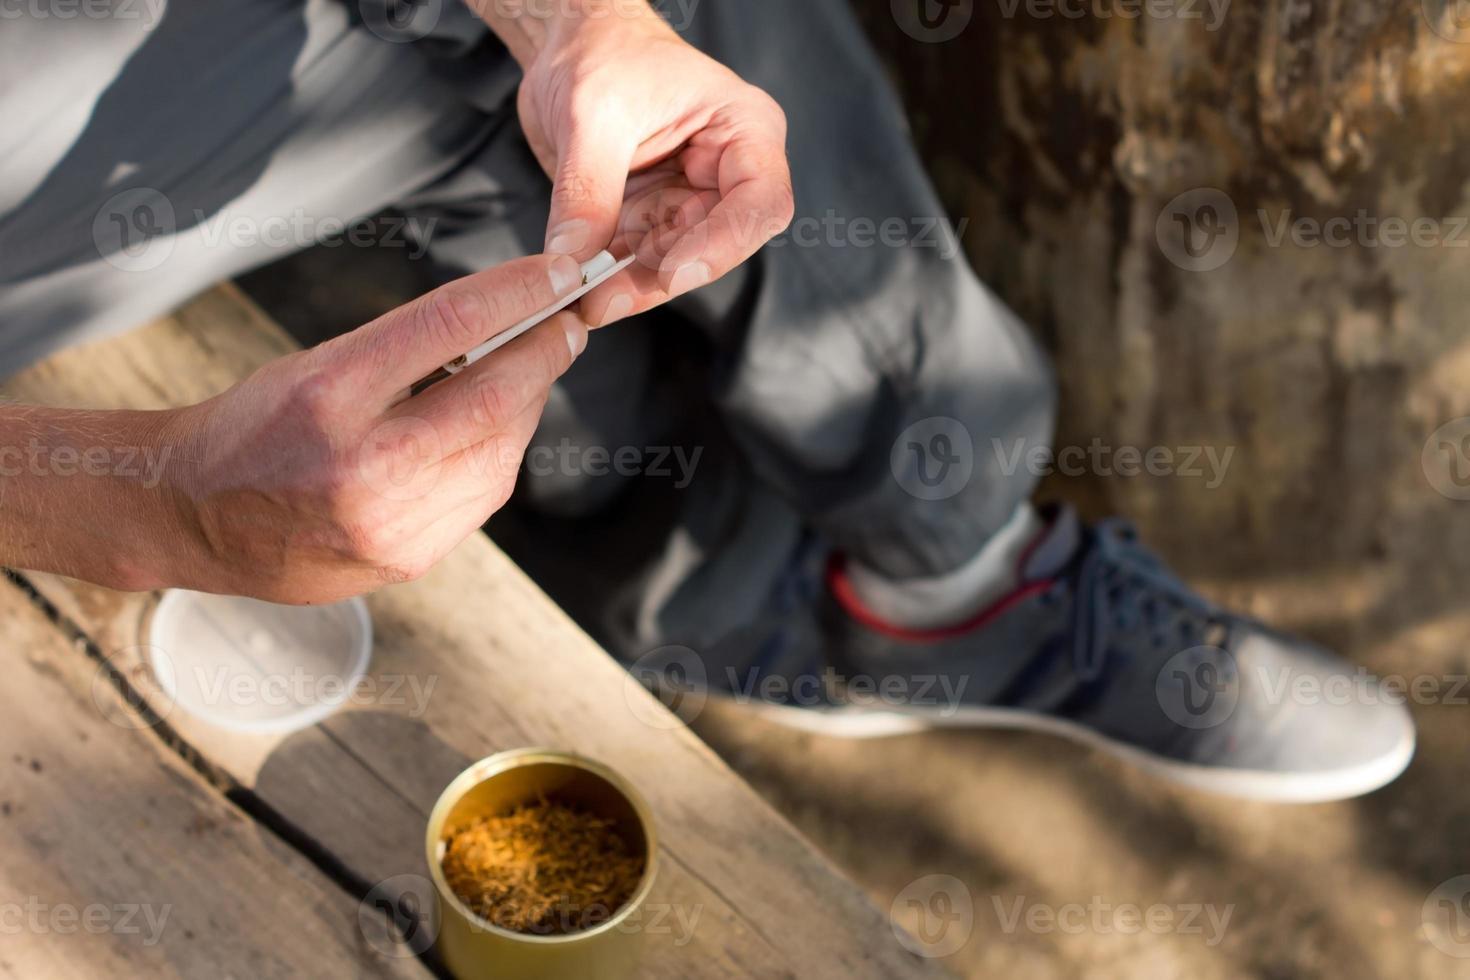 homem rolando uma articulação de cannabis foto